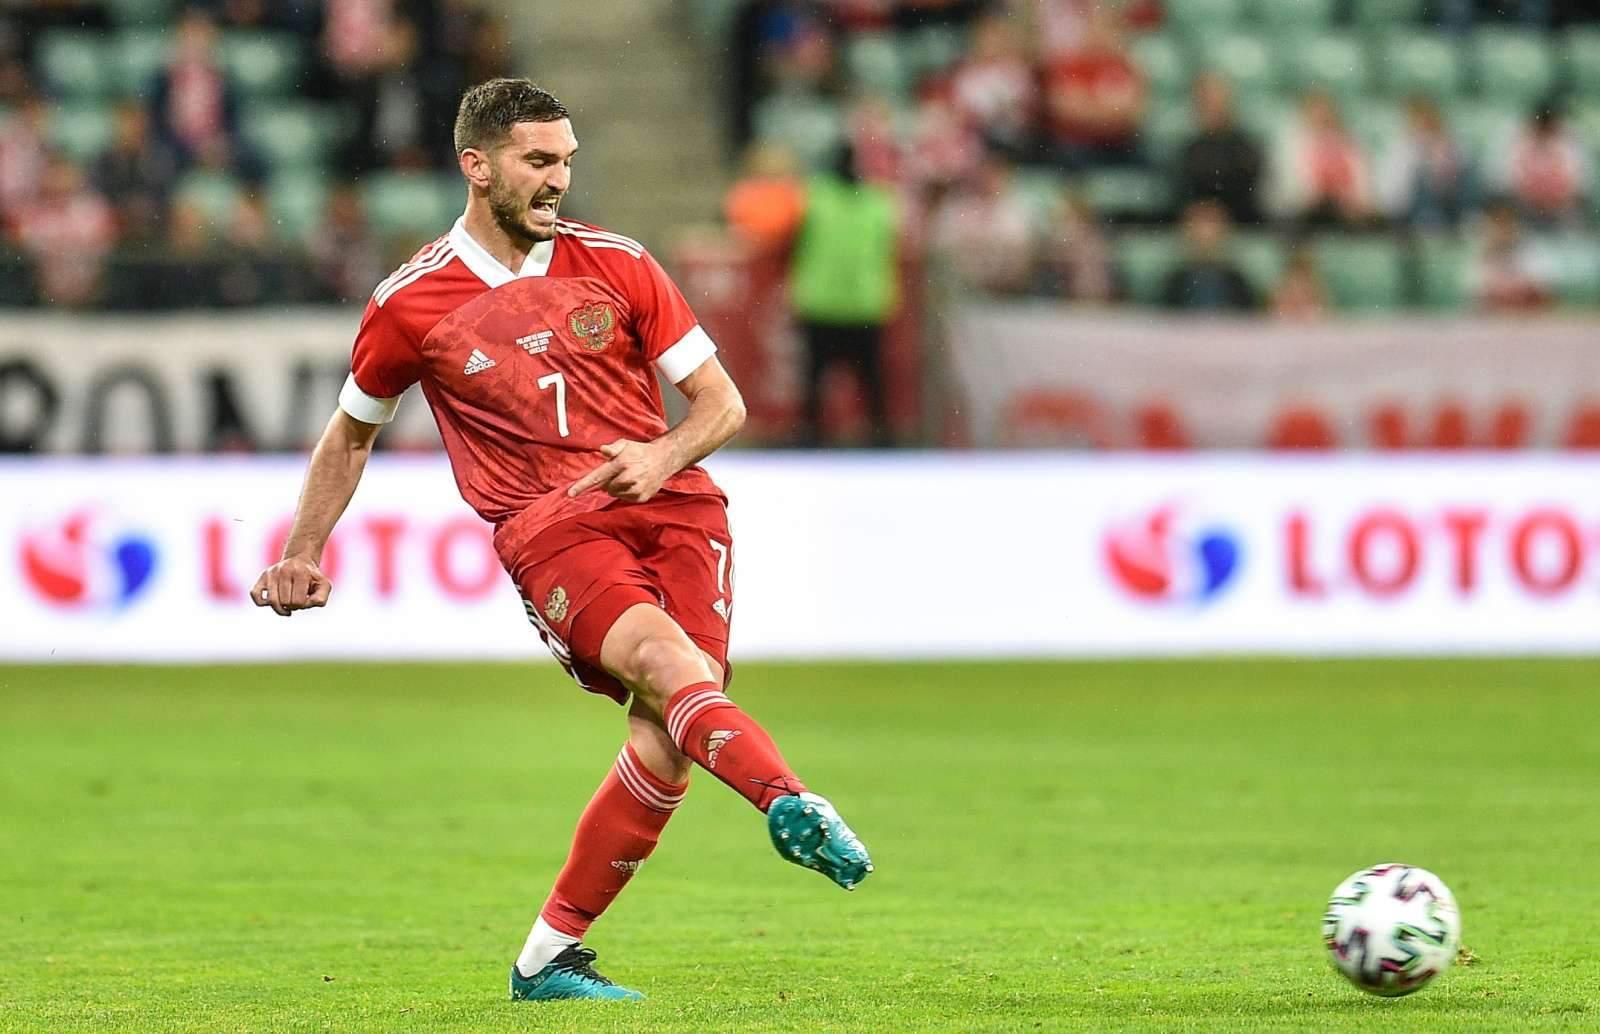 Оздоев: «Надо брать три очка. Надеюсь, Хорватия проиграет»